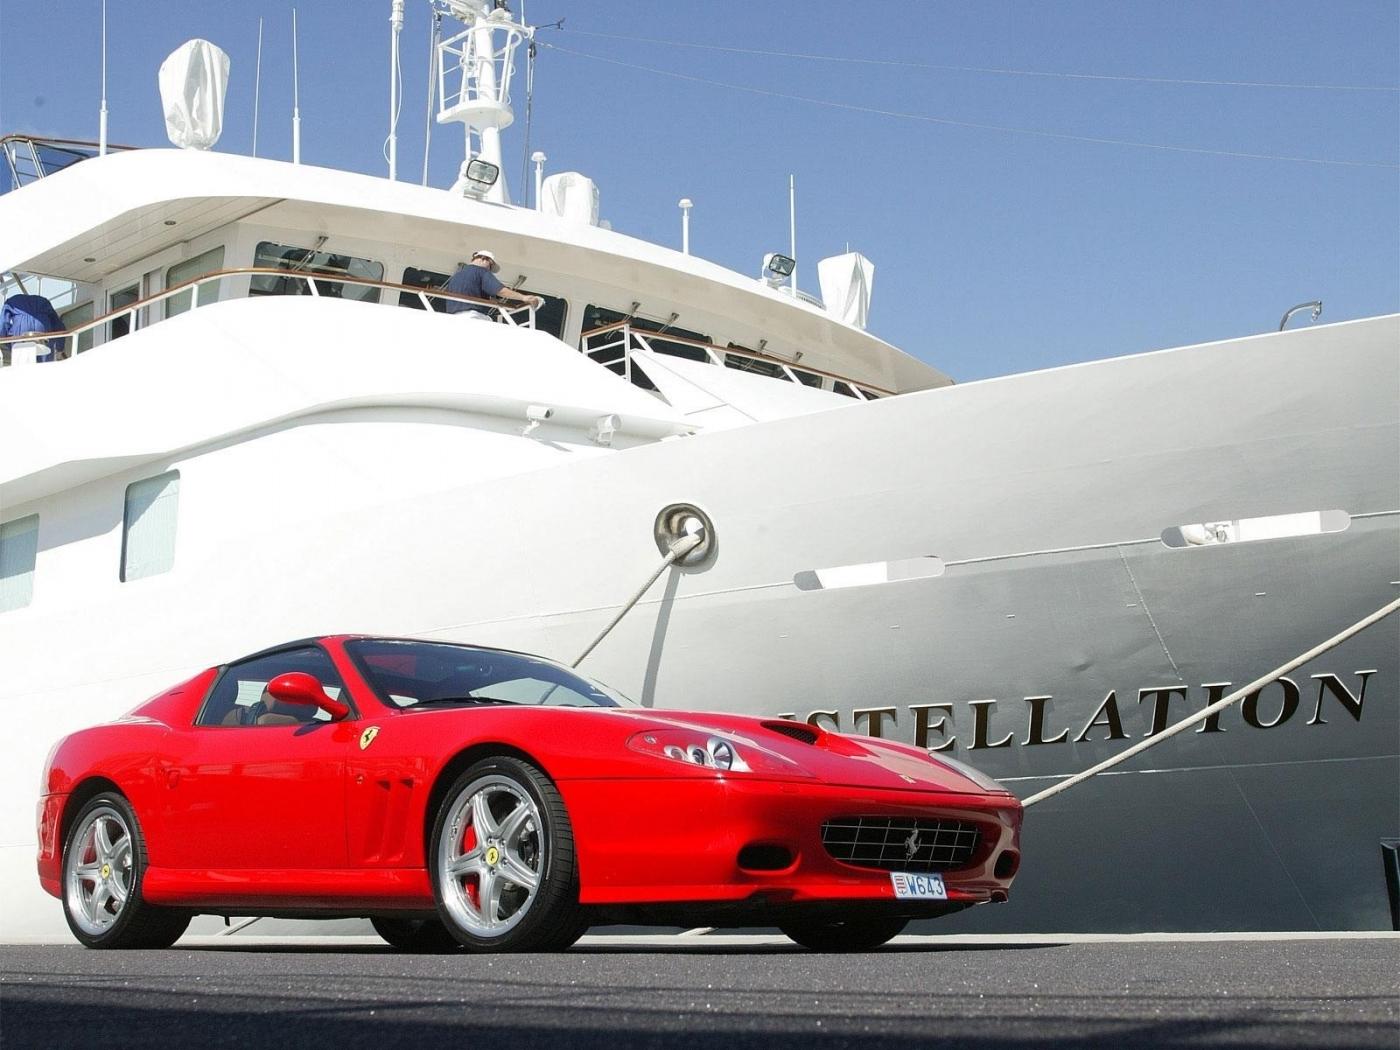 23243 скачать обои Транспорт, Машины, Яхты, Феррари (Ferrari) - заставки и картинки бесплатно